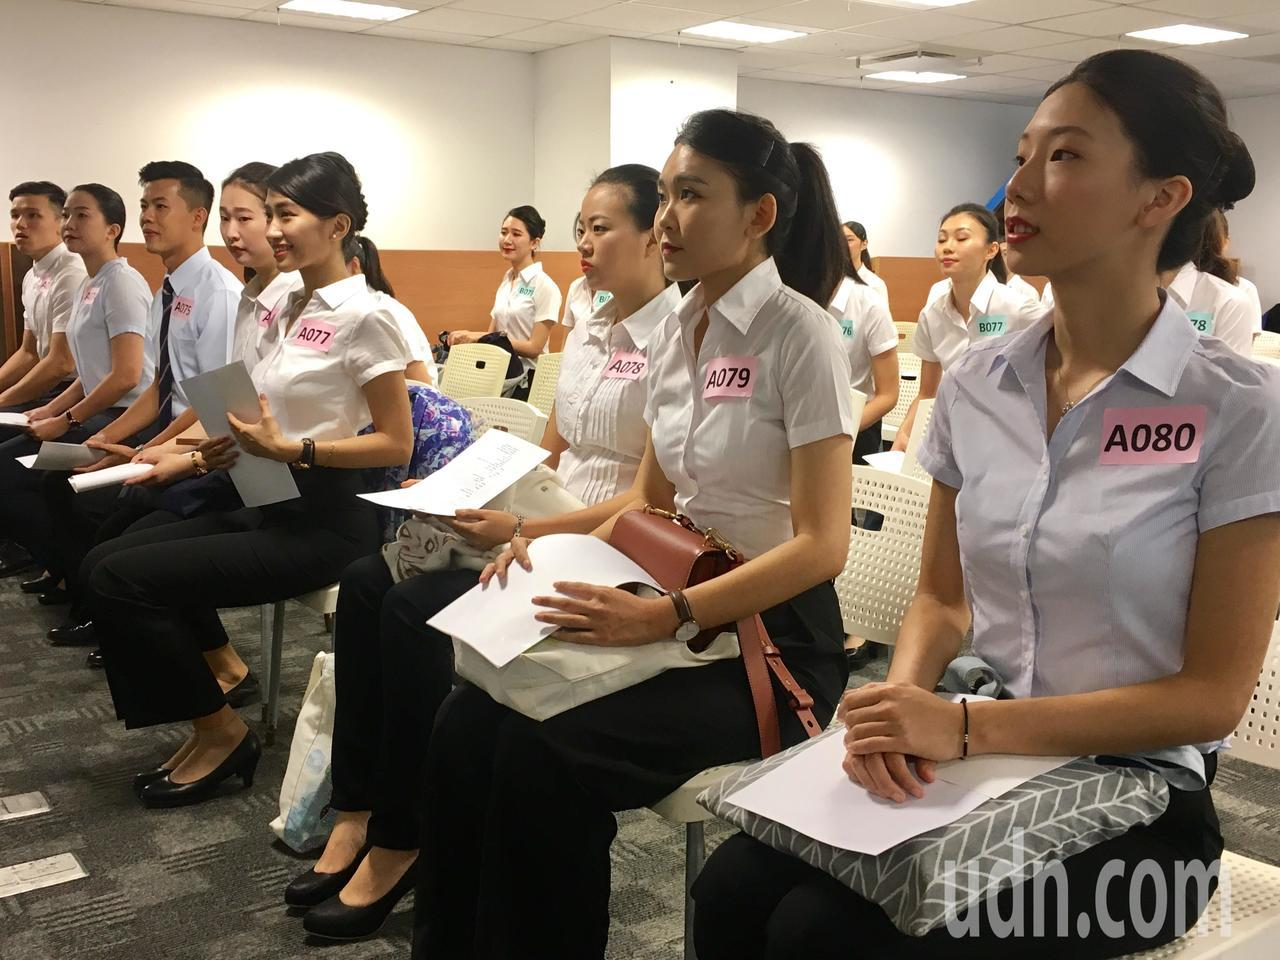 台灣虎航今天甄選空服員初試。記者吳姿賢/攝影